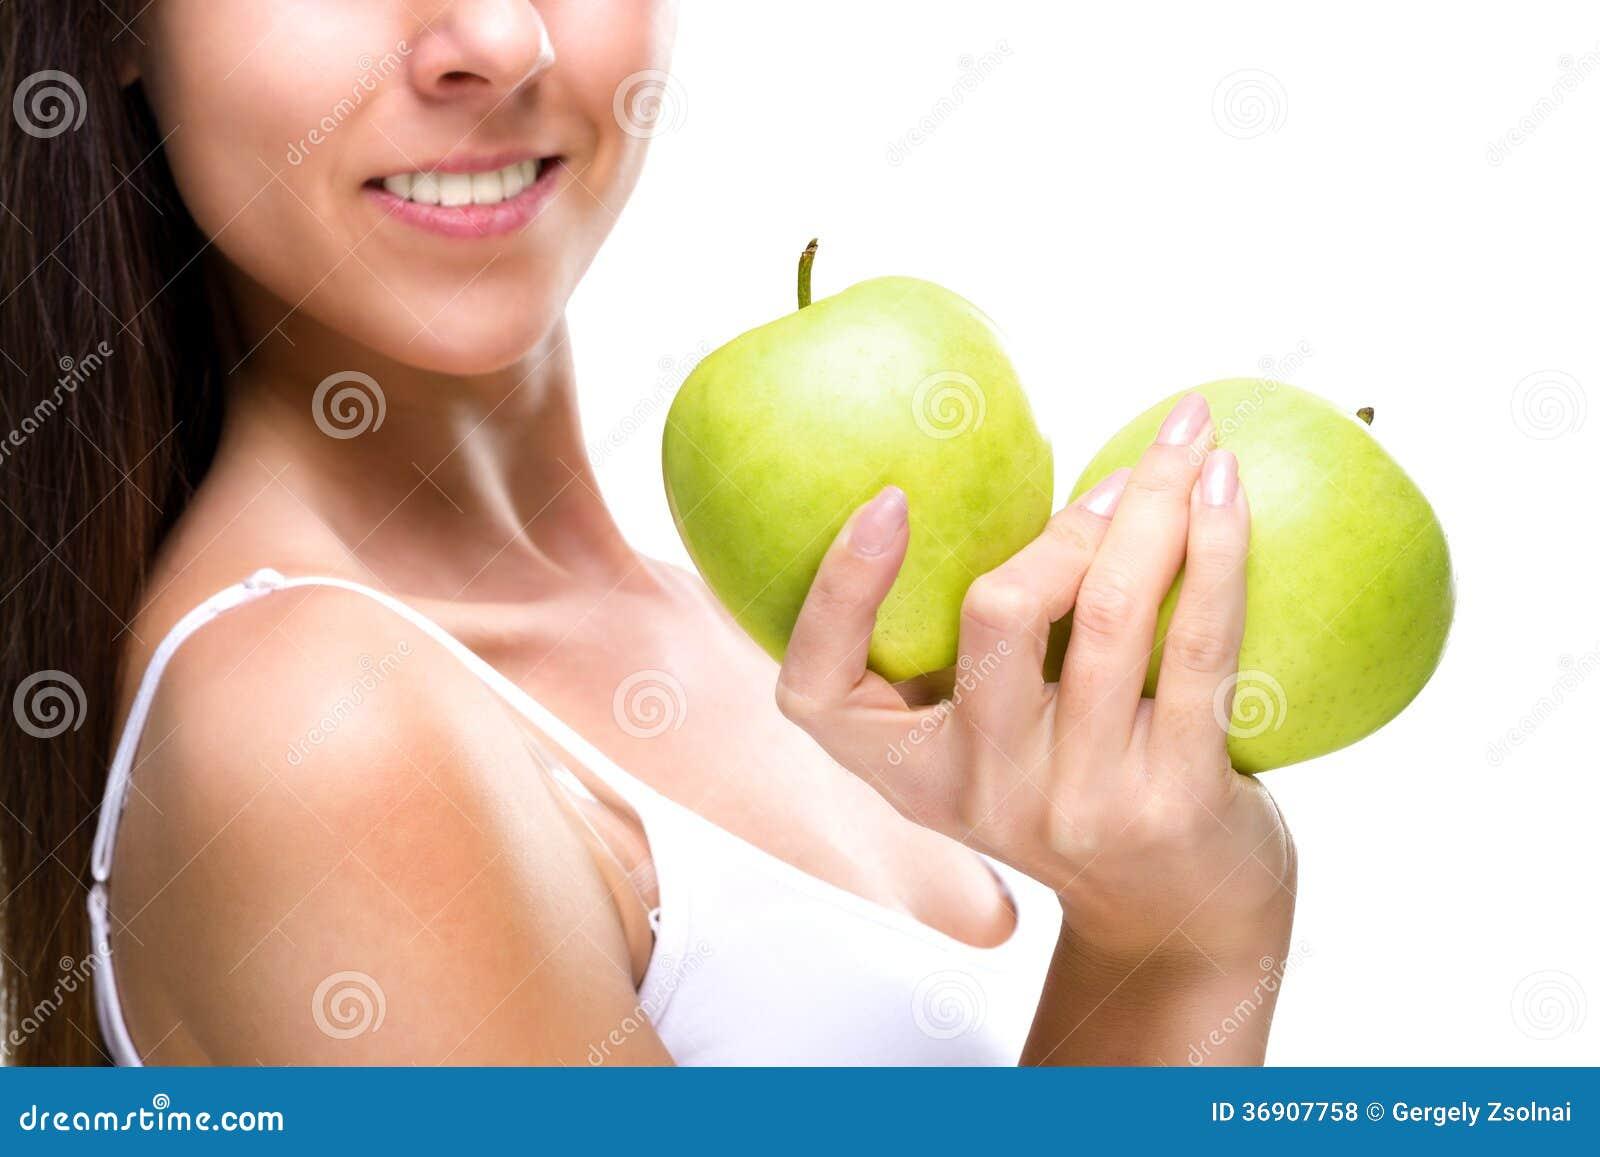 Sund livsstil - kvinnas händer, två härligt grönt äpple, detaljfoto